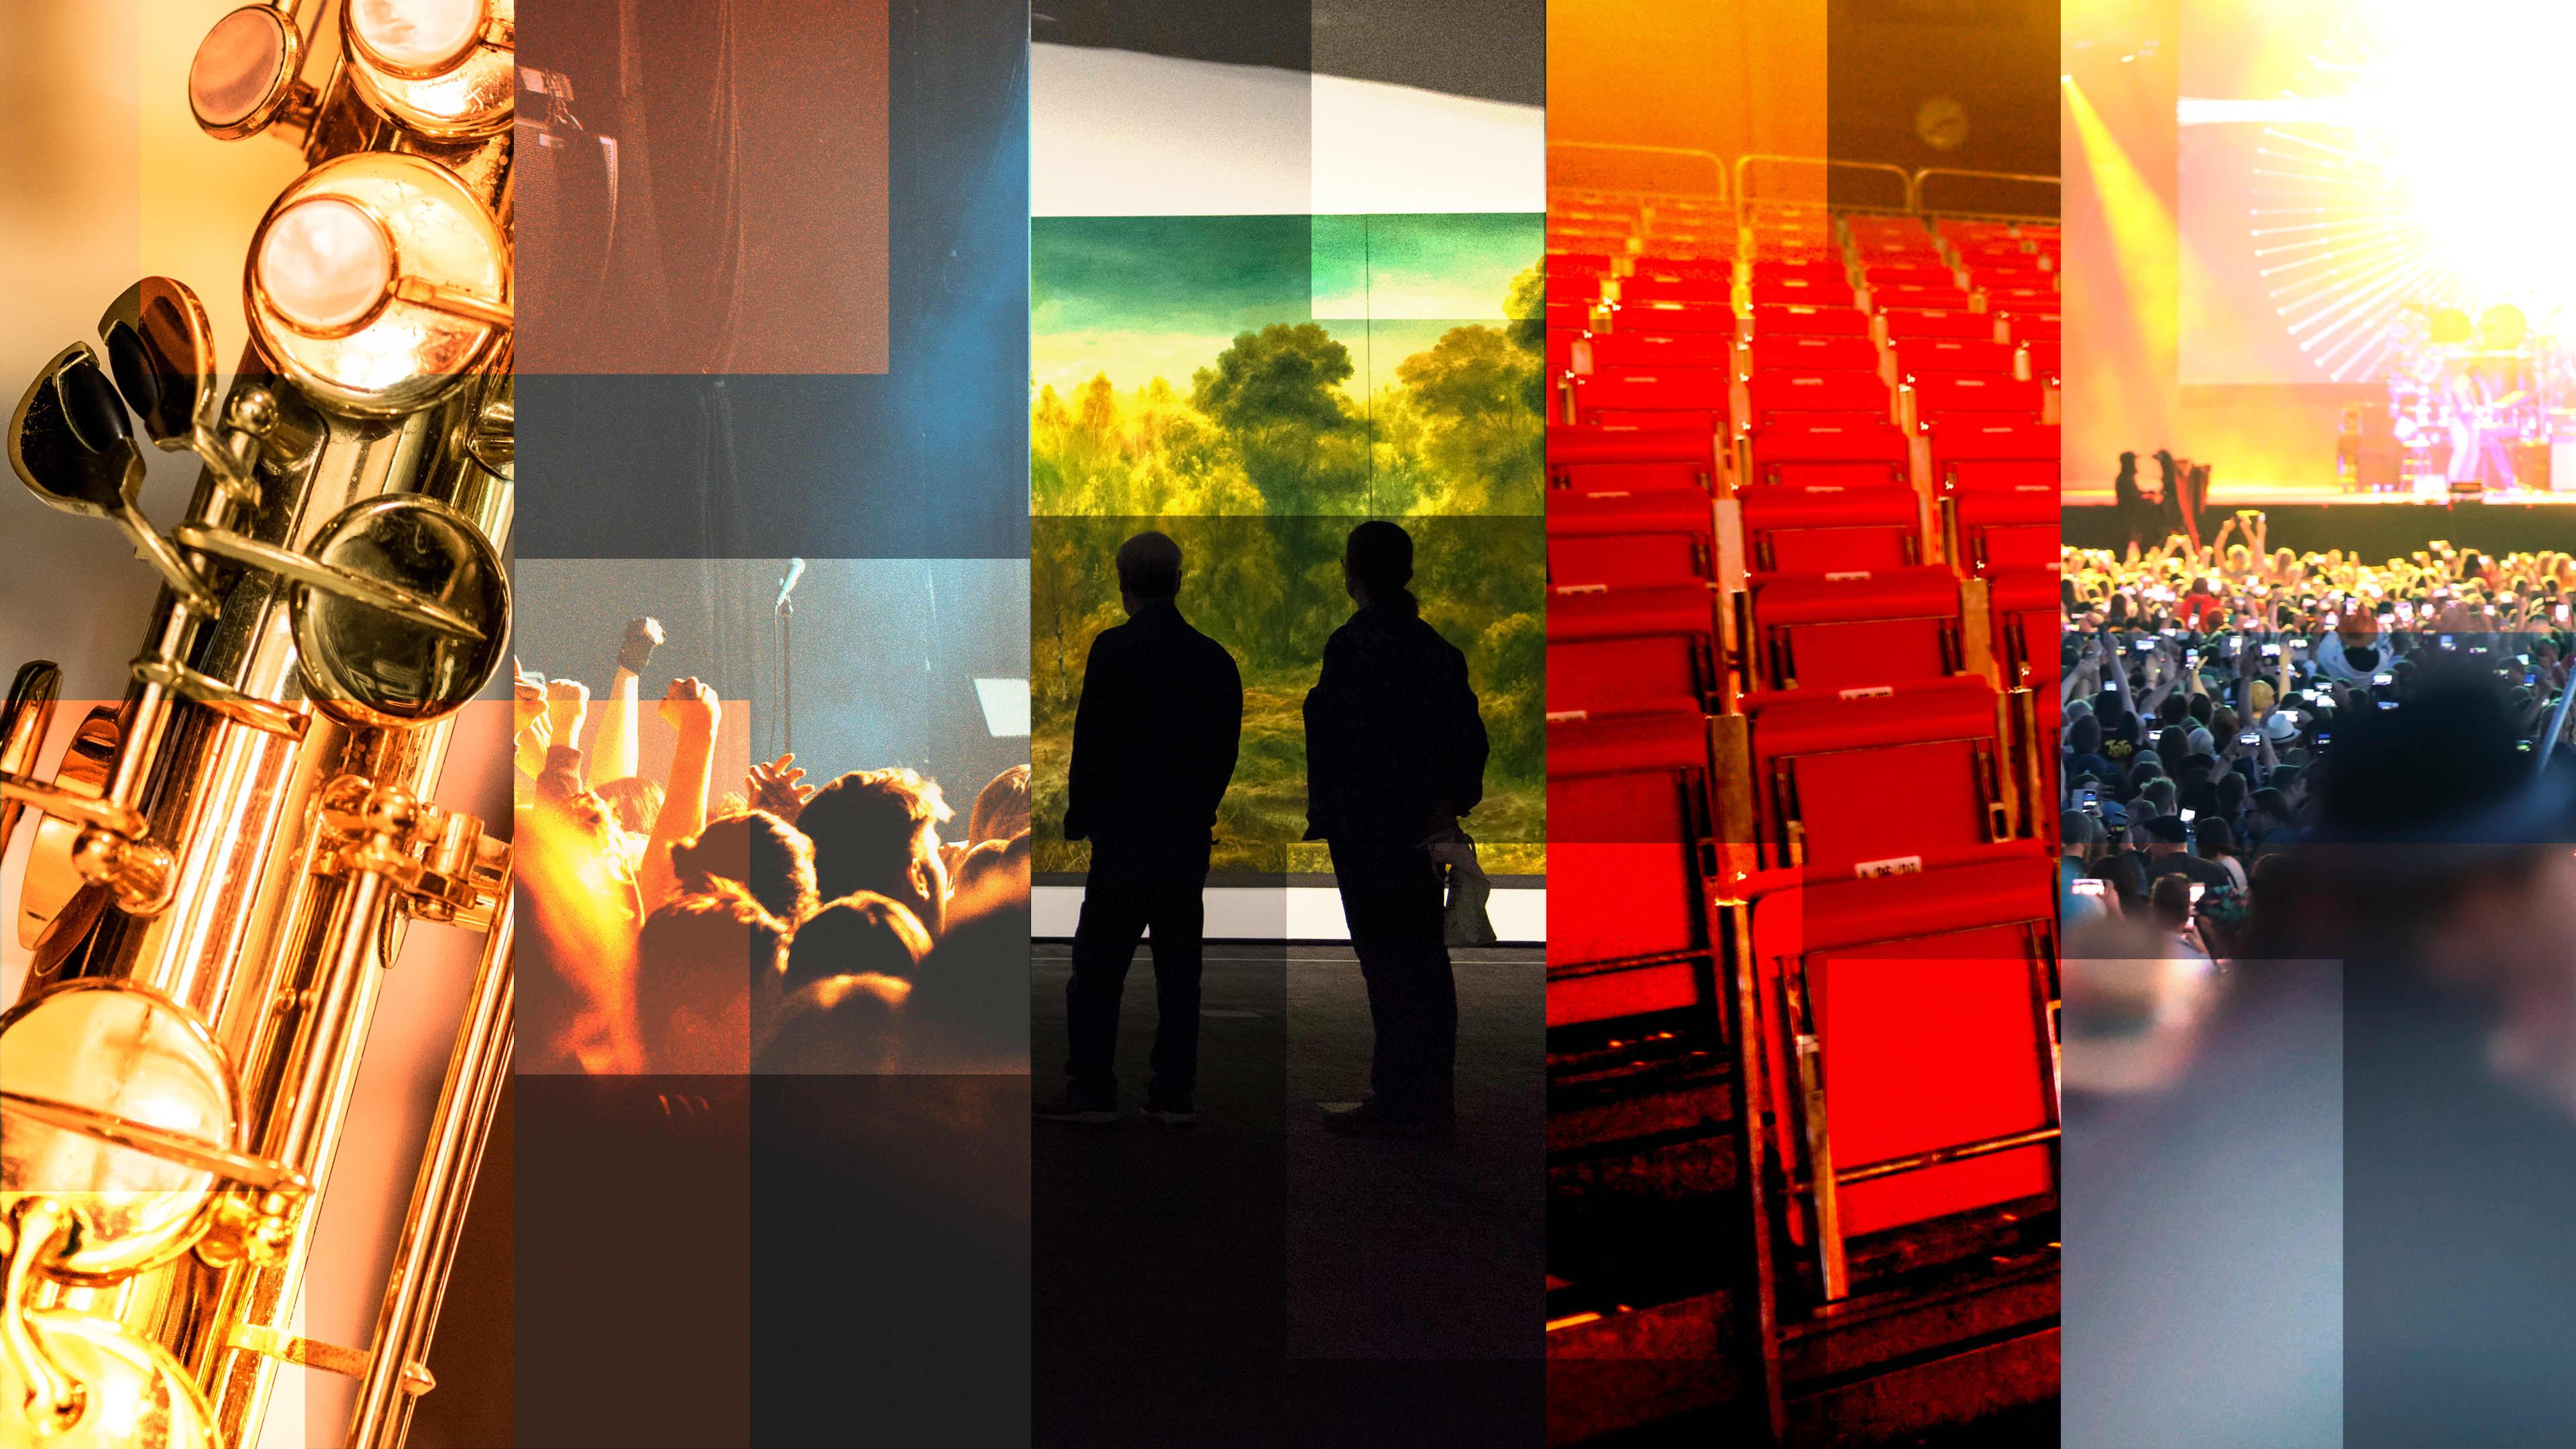 Kuntien kulttuurirahoitus, kuvakollaasi eri kulttuuritapahtumista. Taidenäyttelyt, festarit, konsertit, teatteri.